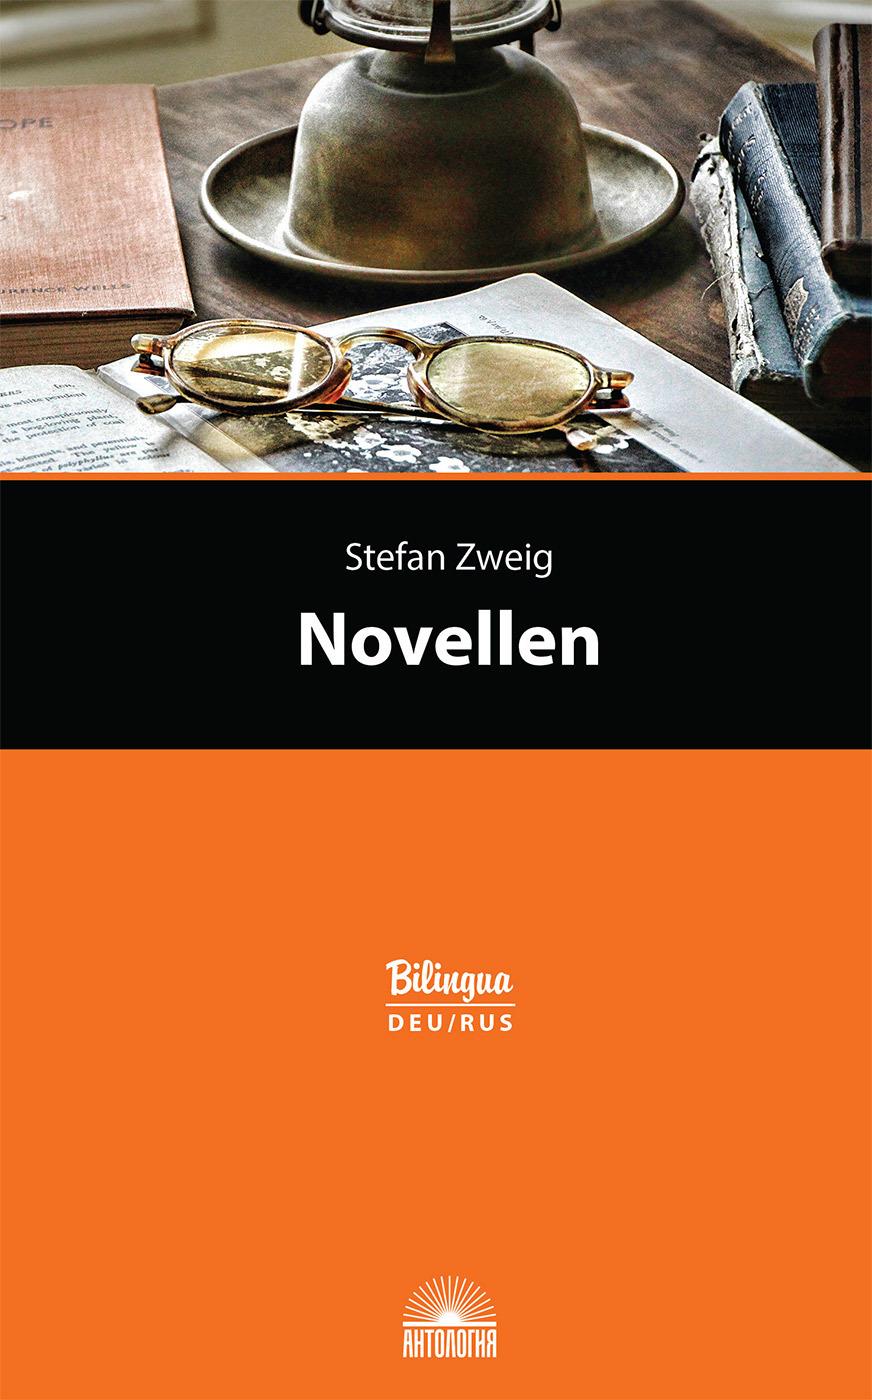 S. Zweig / С. Цвейг Novellen / Новеллы. Издание с параллельным текстом на немецком и русском языках